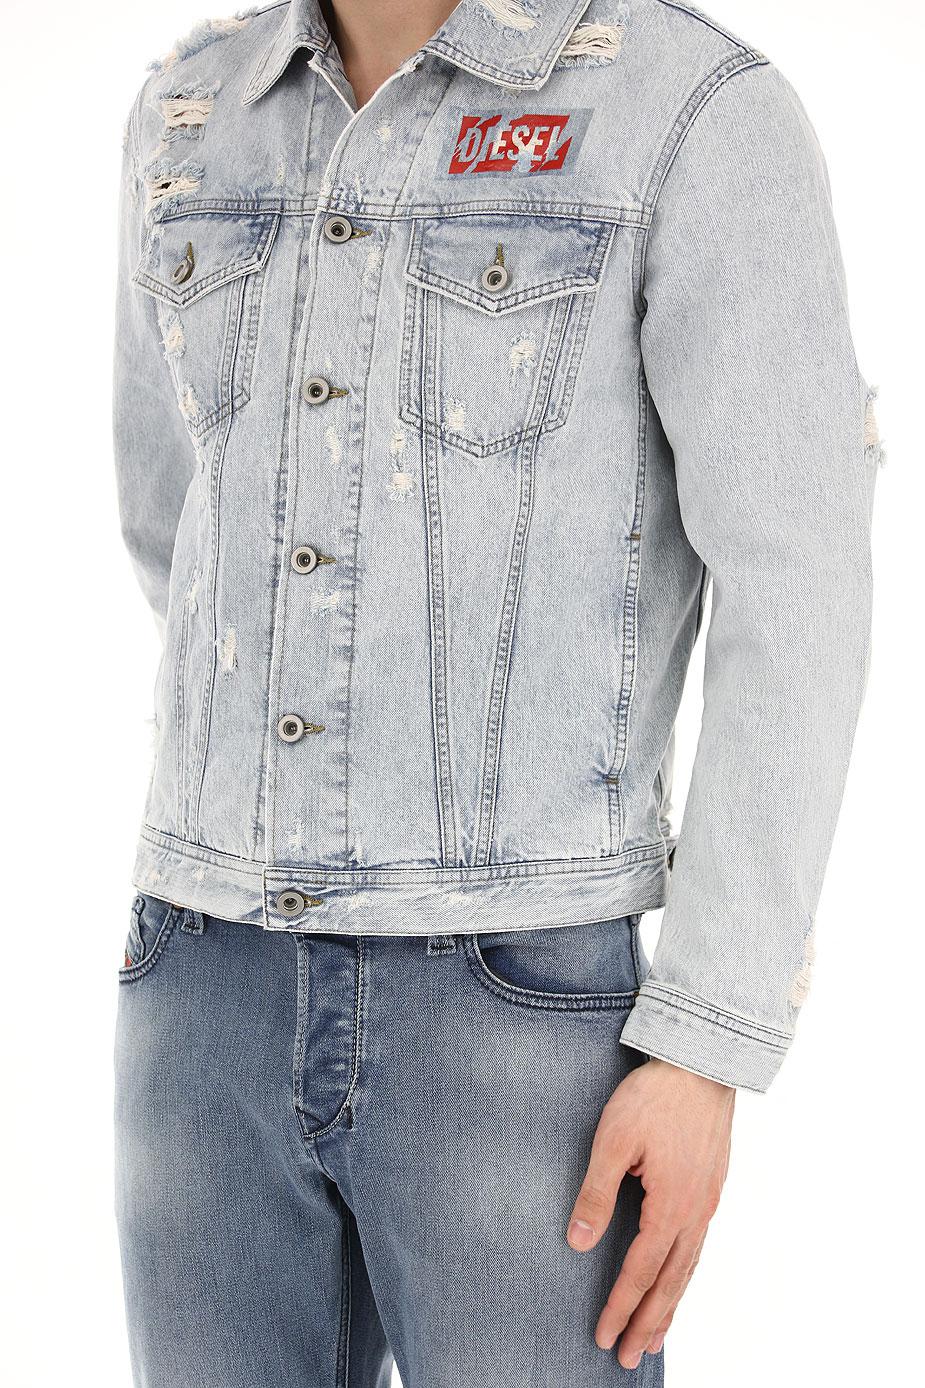 Abbigliamento Uomo Diesel, Codice Articolo: 00stps-084ss-01